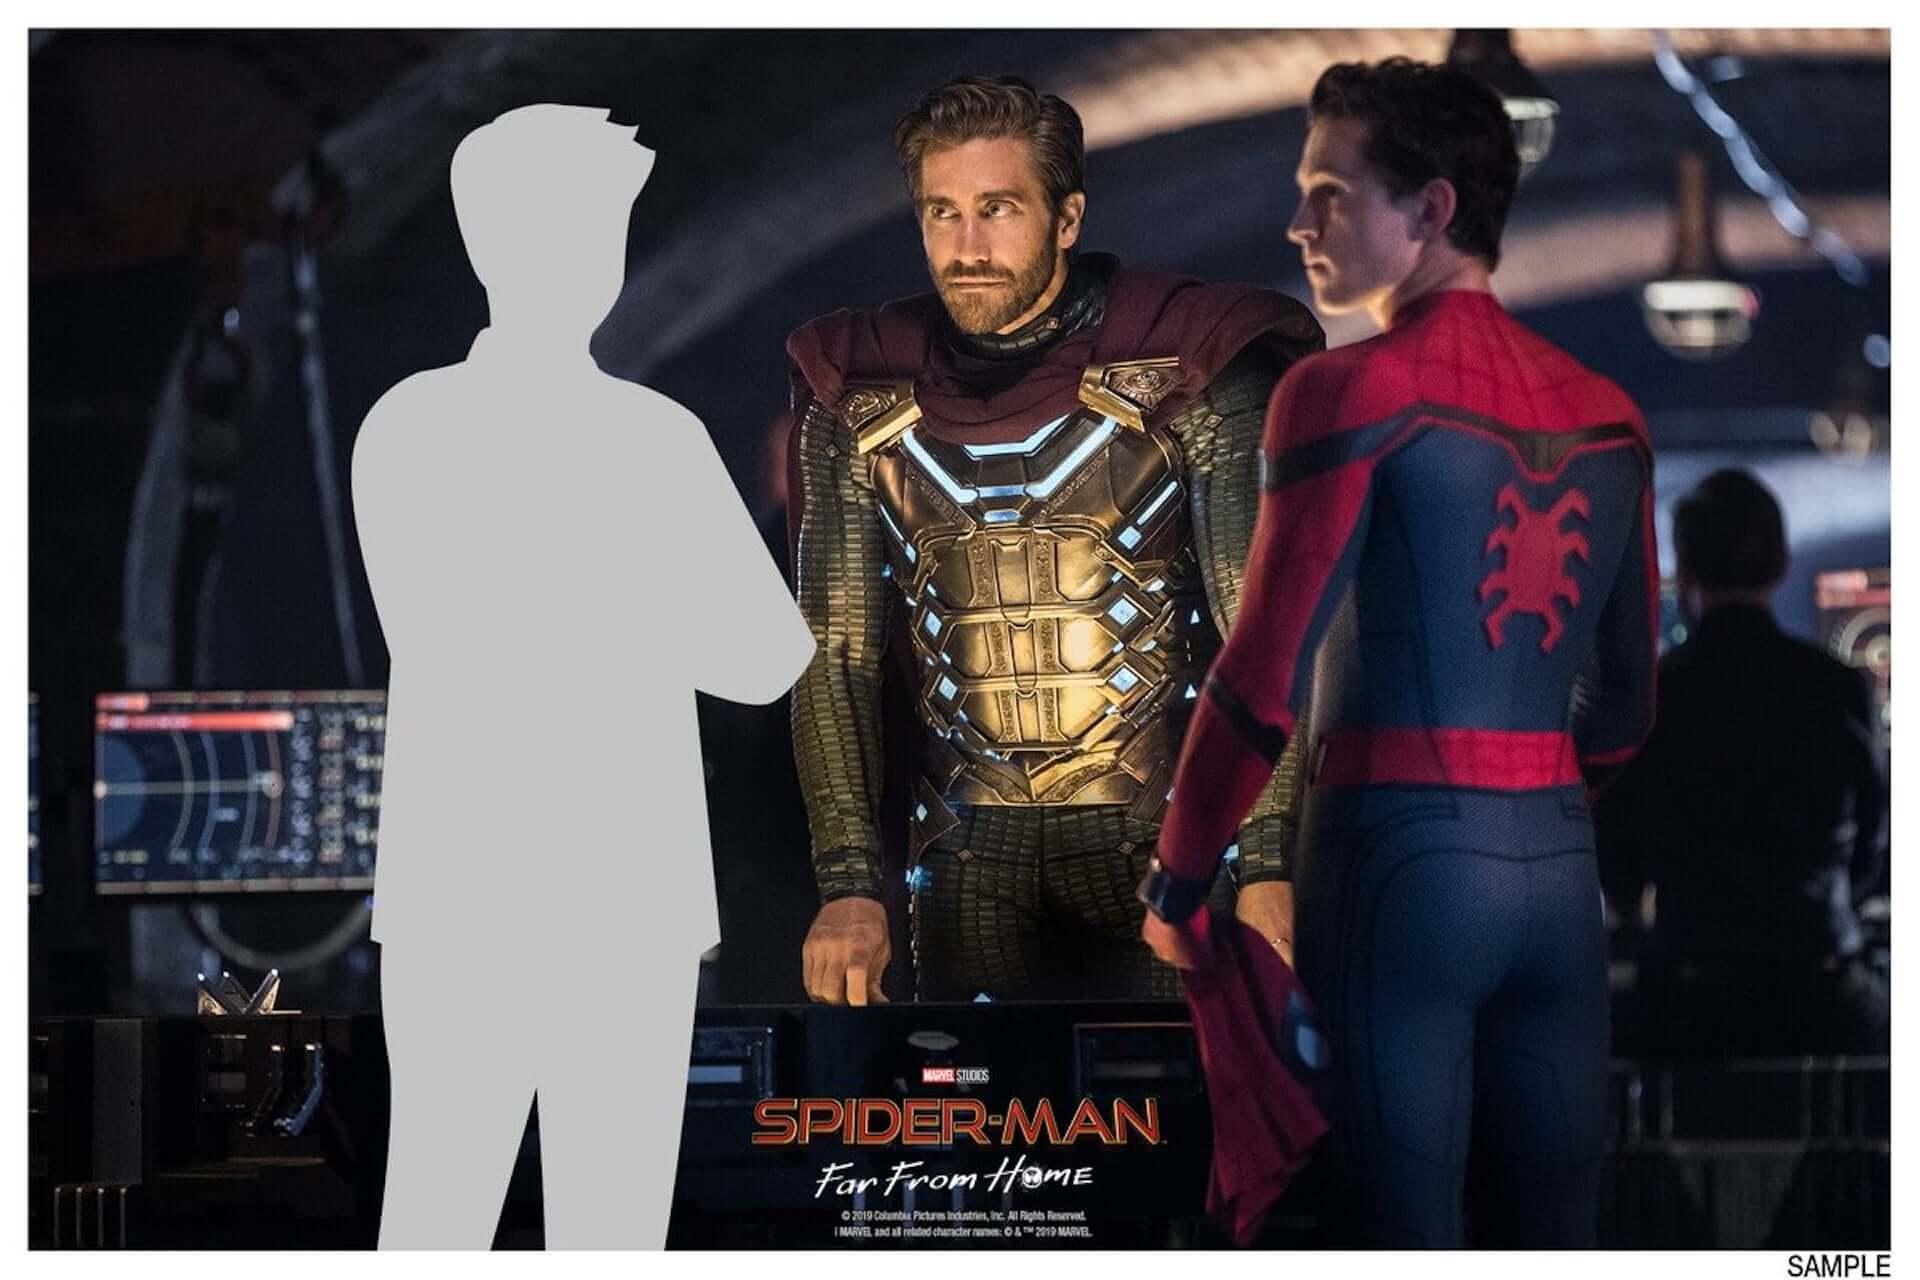 あの名場面が蘇る!?『スパイダーマン』『ヴェノム』の世界に入り込んで撮影できるフォトブースが東京コミコンに登場 film191118_sonycomicon3-1920x1280